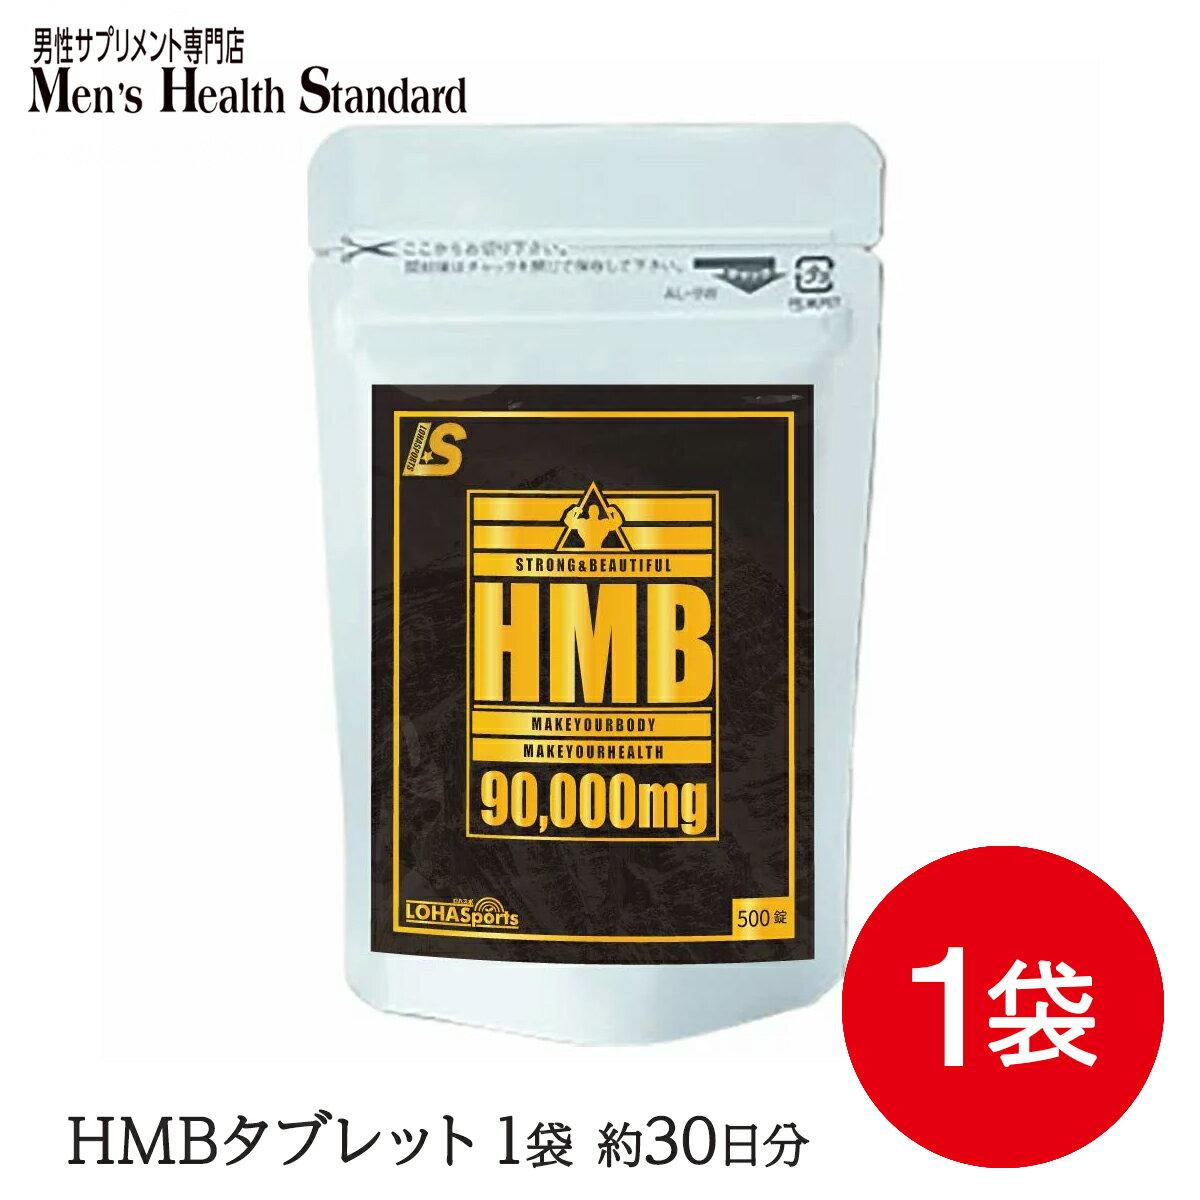 HMB タブレット (約1ヵ月分)送料無料 1日たった42円(3,060mg) 安い コスパ抜群 HMB サプリ が新登場 ! 筋トレ ダイエット のお供に! プロテイン BCAA クレアチン と一緒に HMB サプリメント をどうぞ! 1袋500粒 / HMBca 90000mg